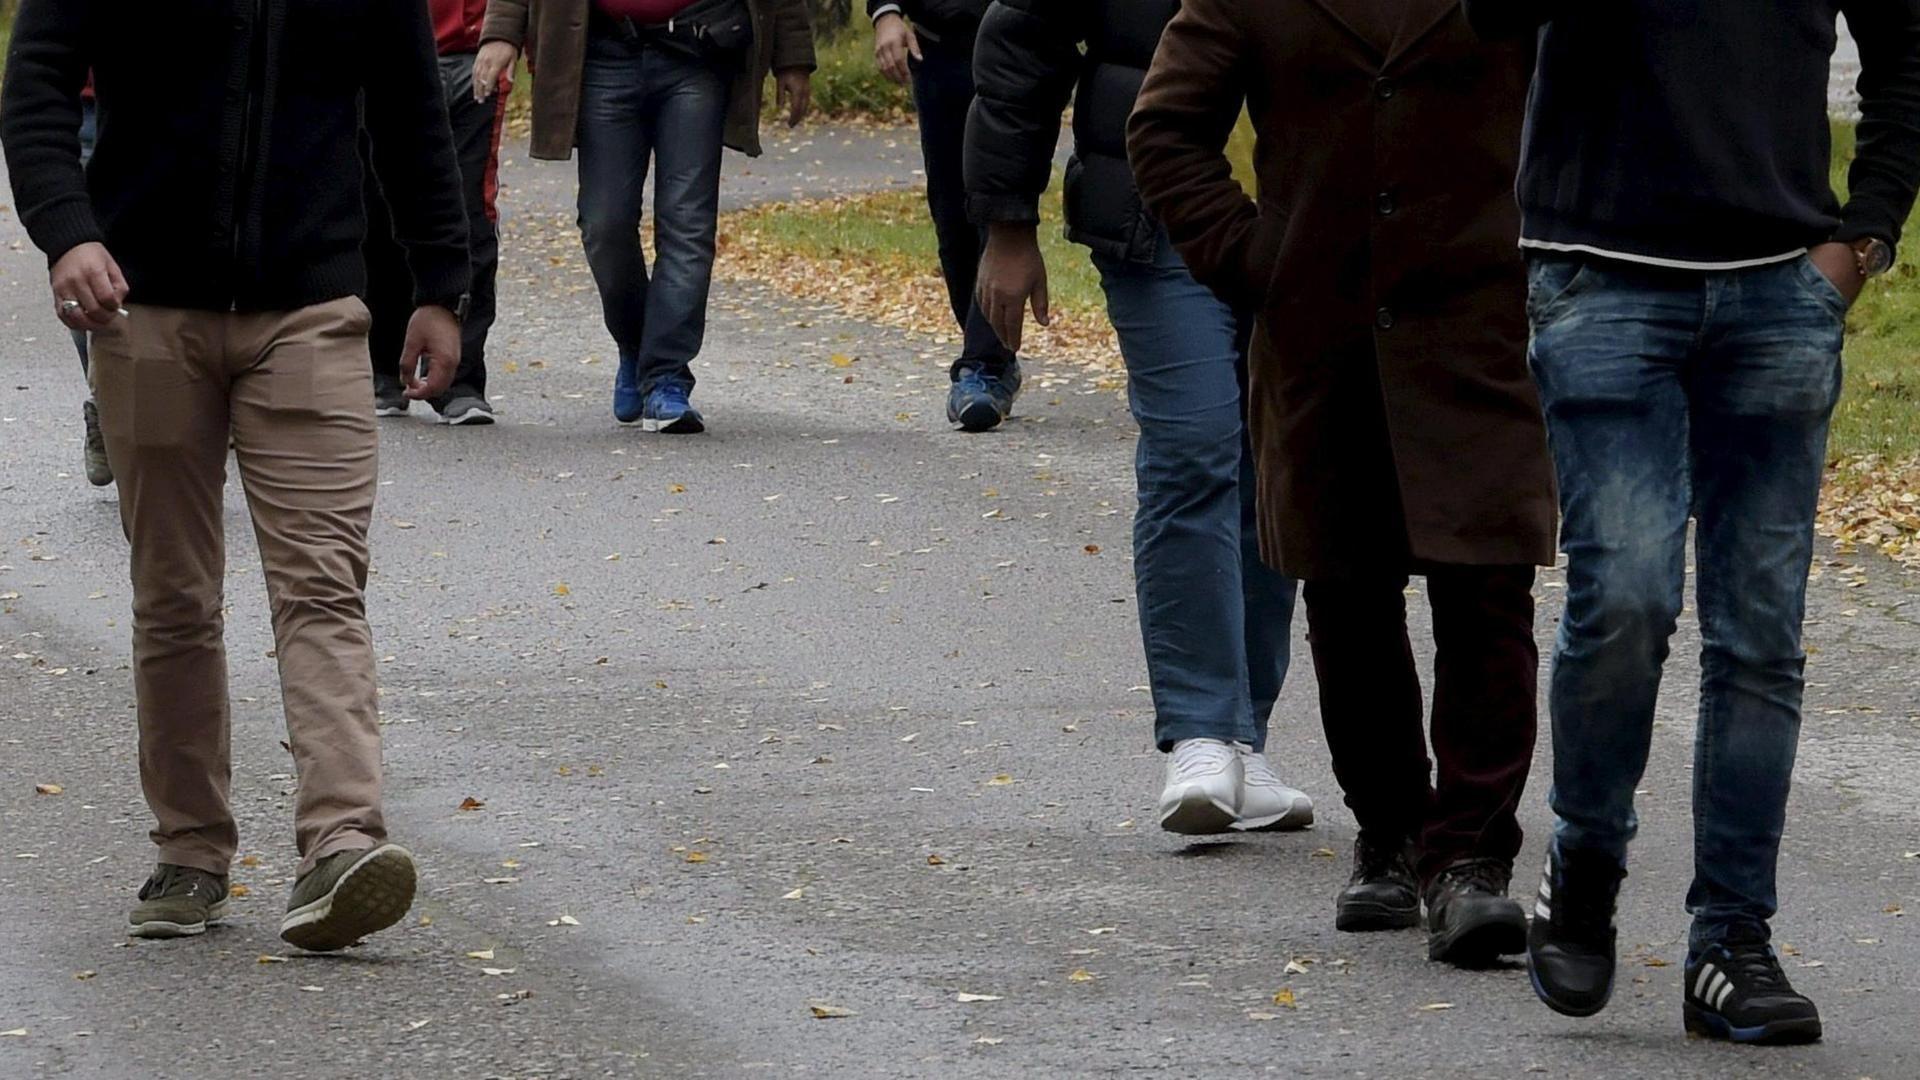 Poliisi arvioi, että laittomasti Suomessa olevien määrä kasvaa rajusti.